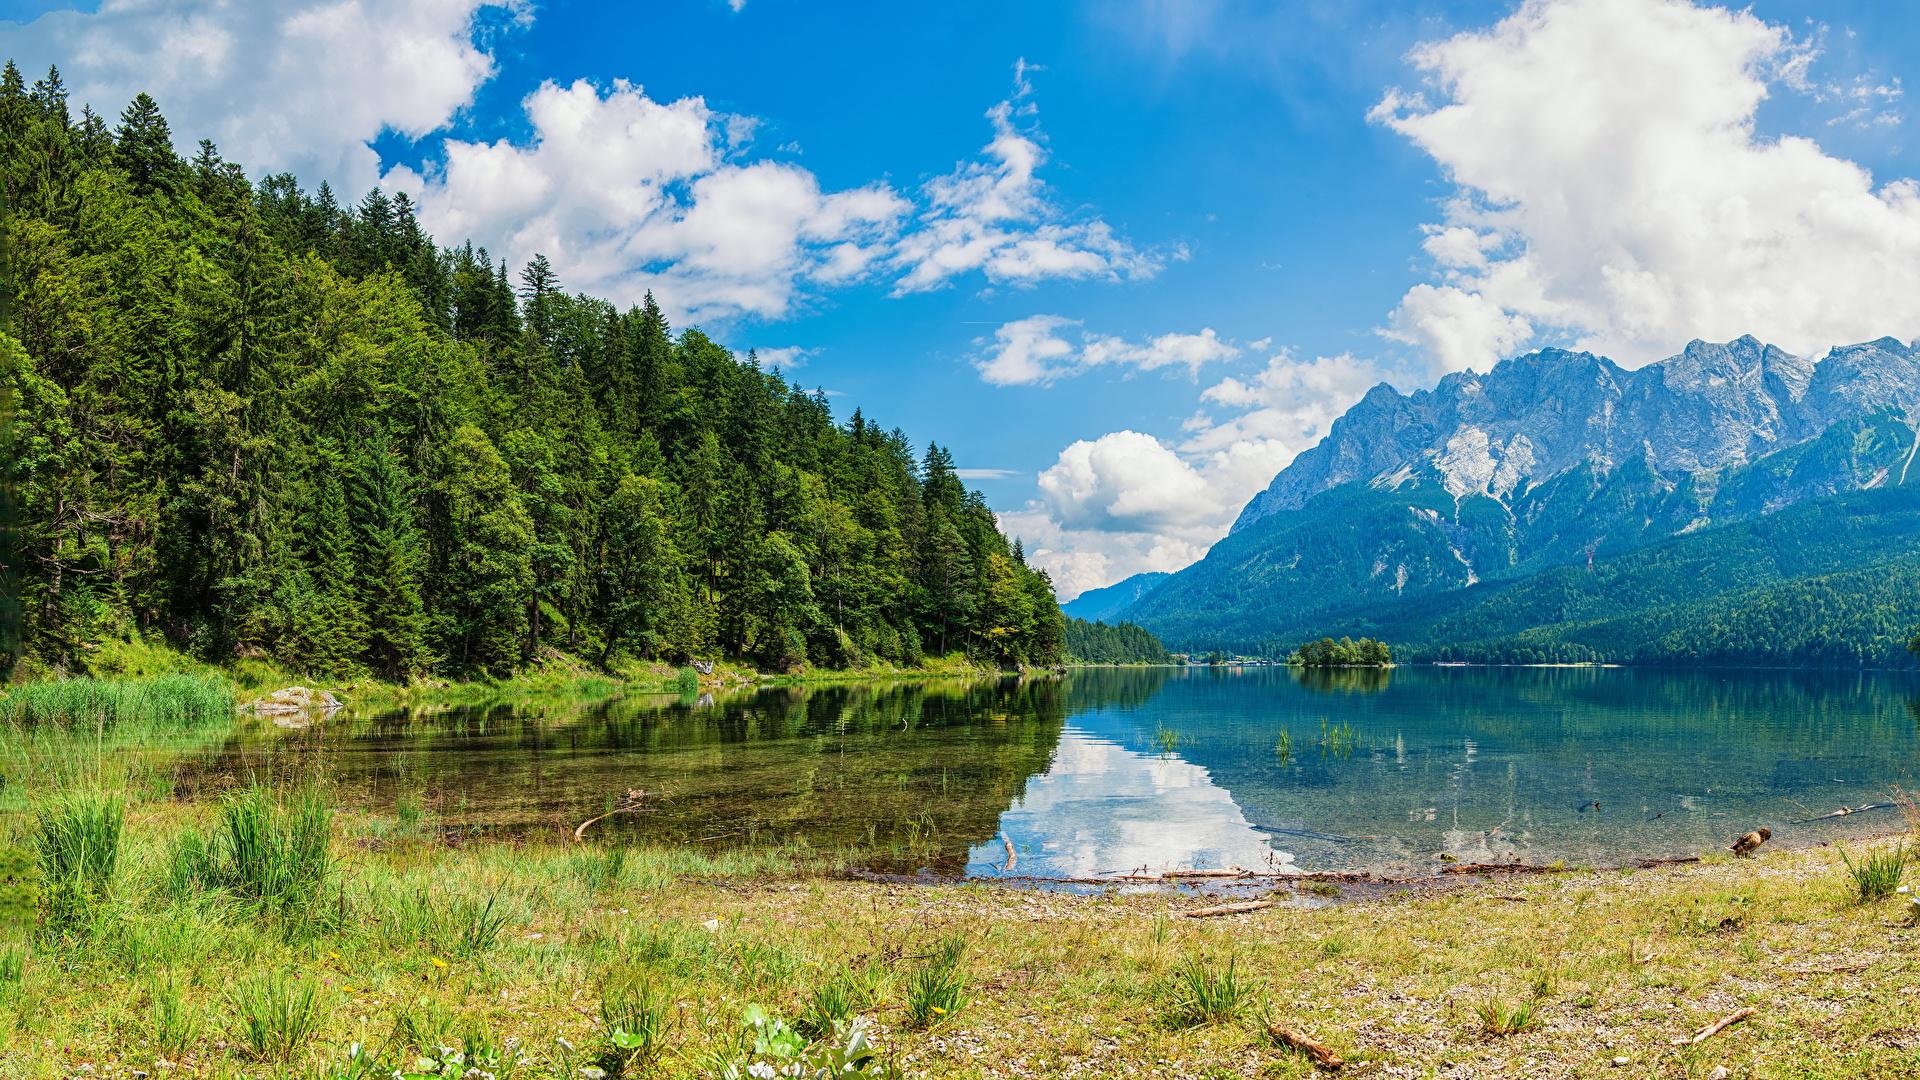 Картинки Альпы Швейцария Wasserauen гора Природа лес Озеро 1920x1080 альп Горы Леса